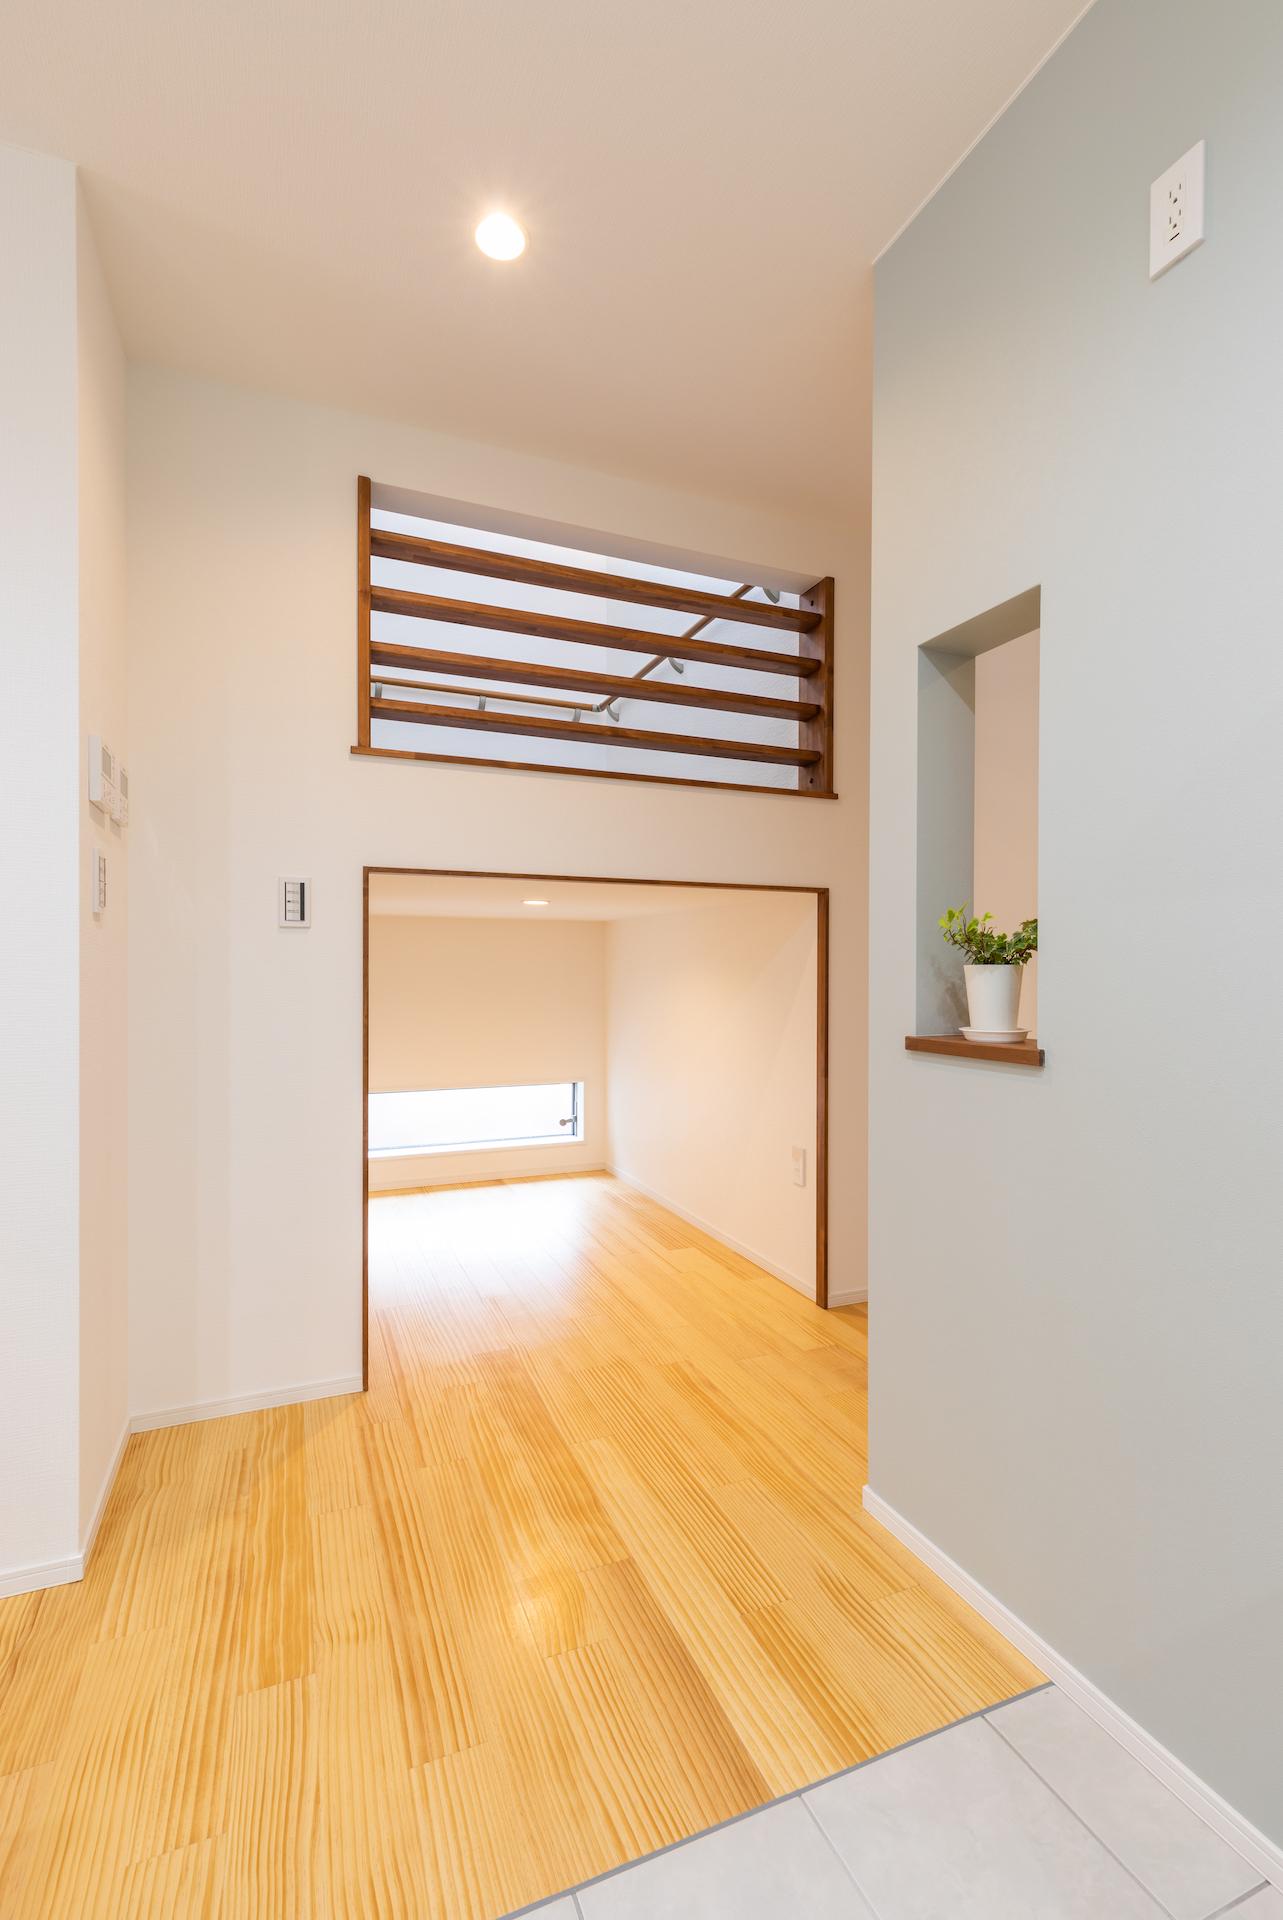 キッチン裏にある廊下に光が通るよう、壁の一部をくりぬいている。階段下には収納スペースを確保。季節ものなど、多くを収納可能だ。階段部分にはスリットを設け、家族の気配と光を伝える